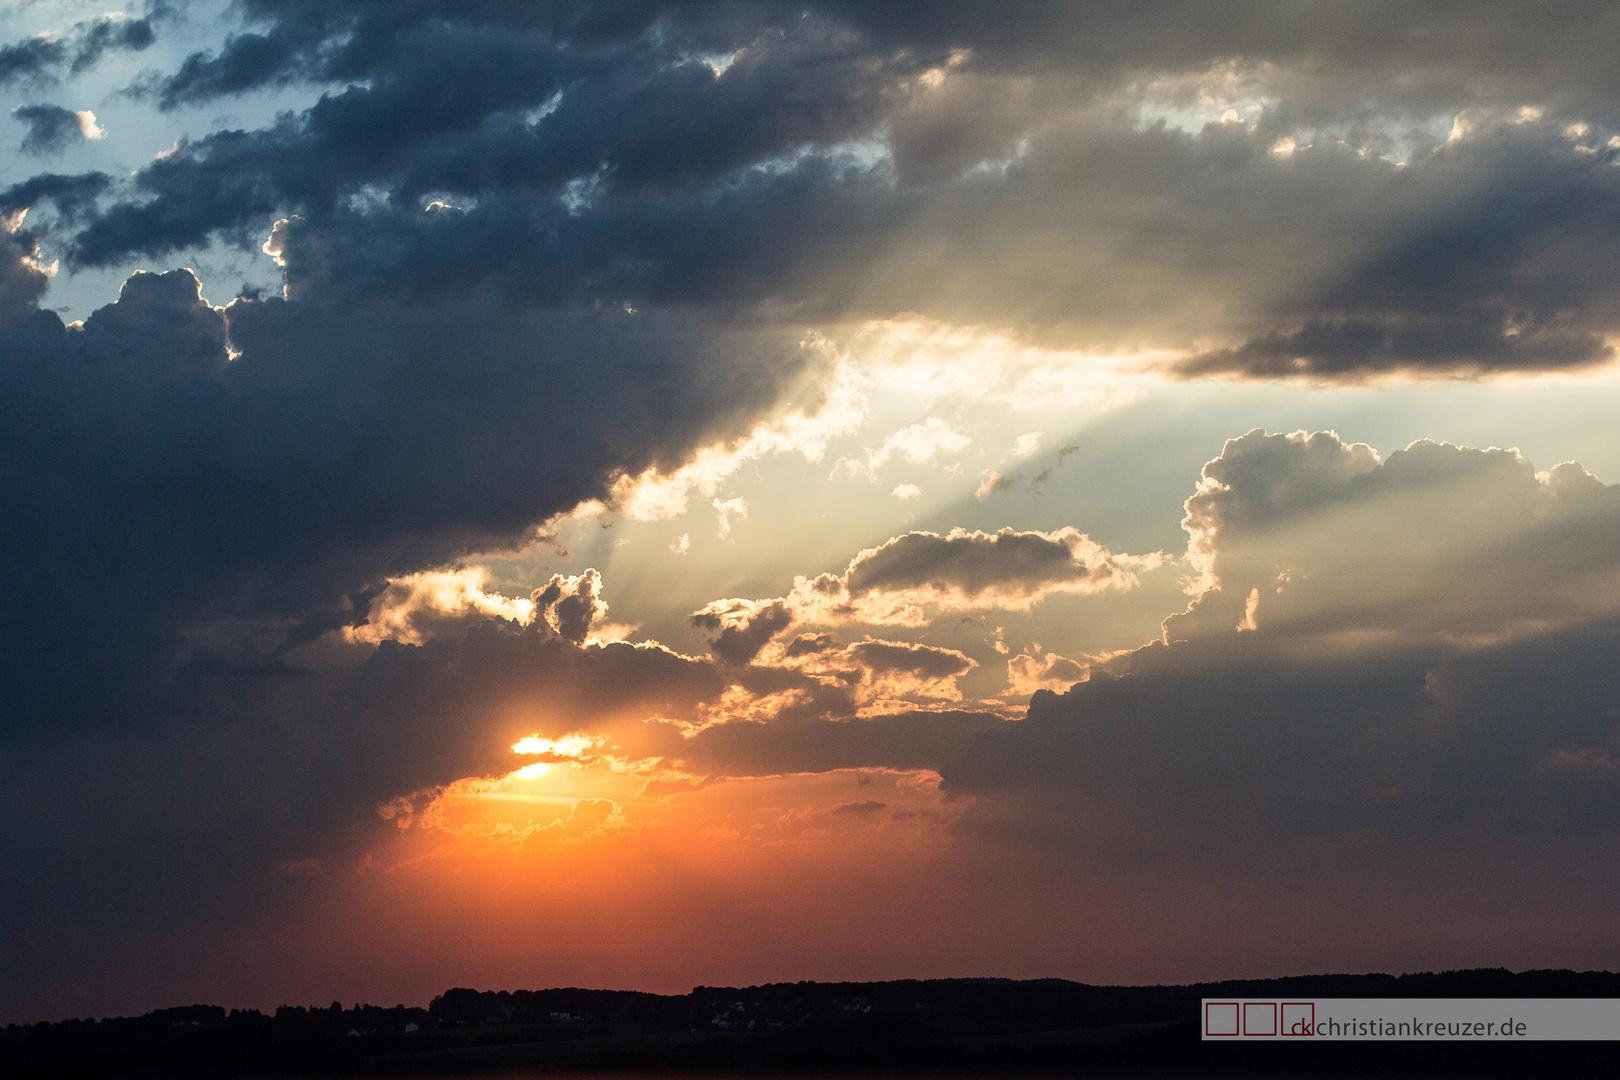 Sunset in Overath